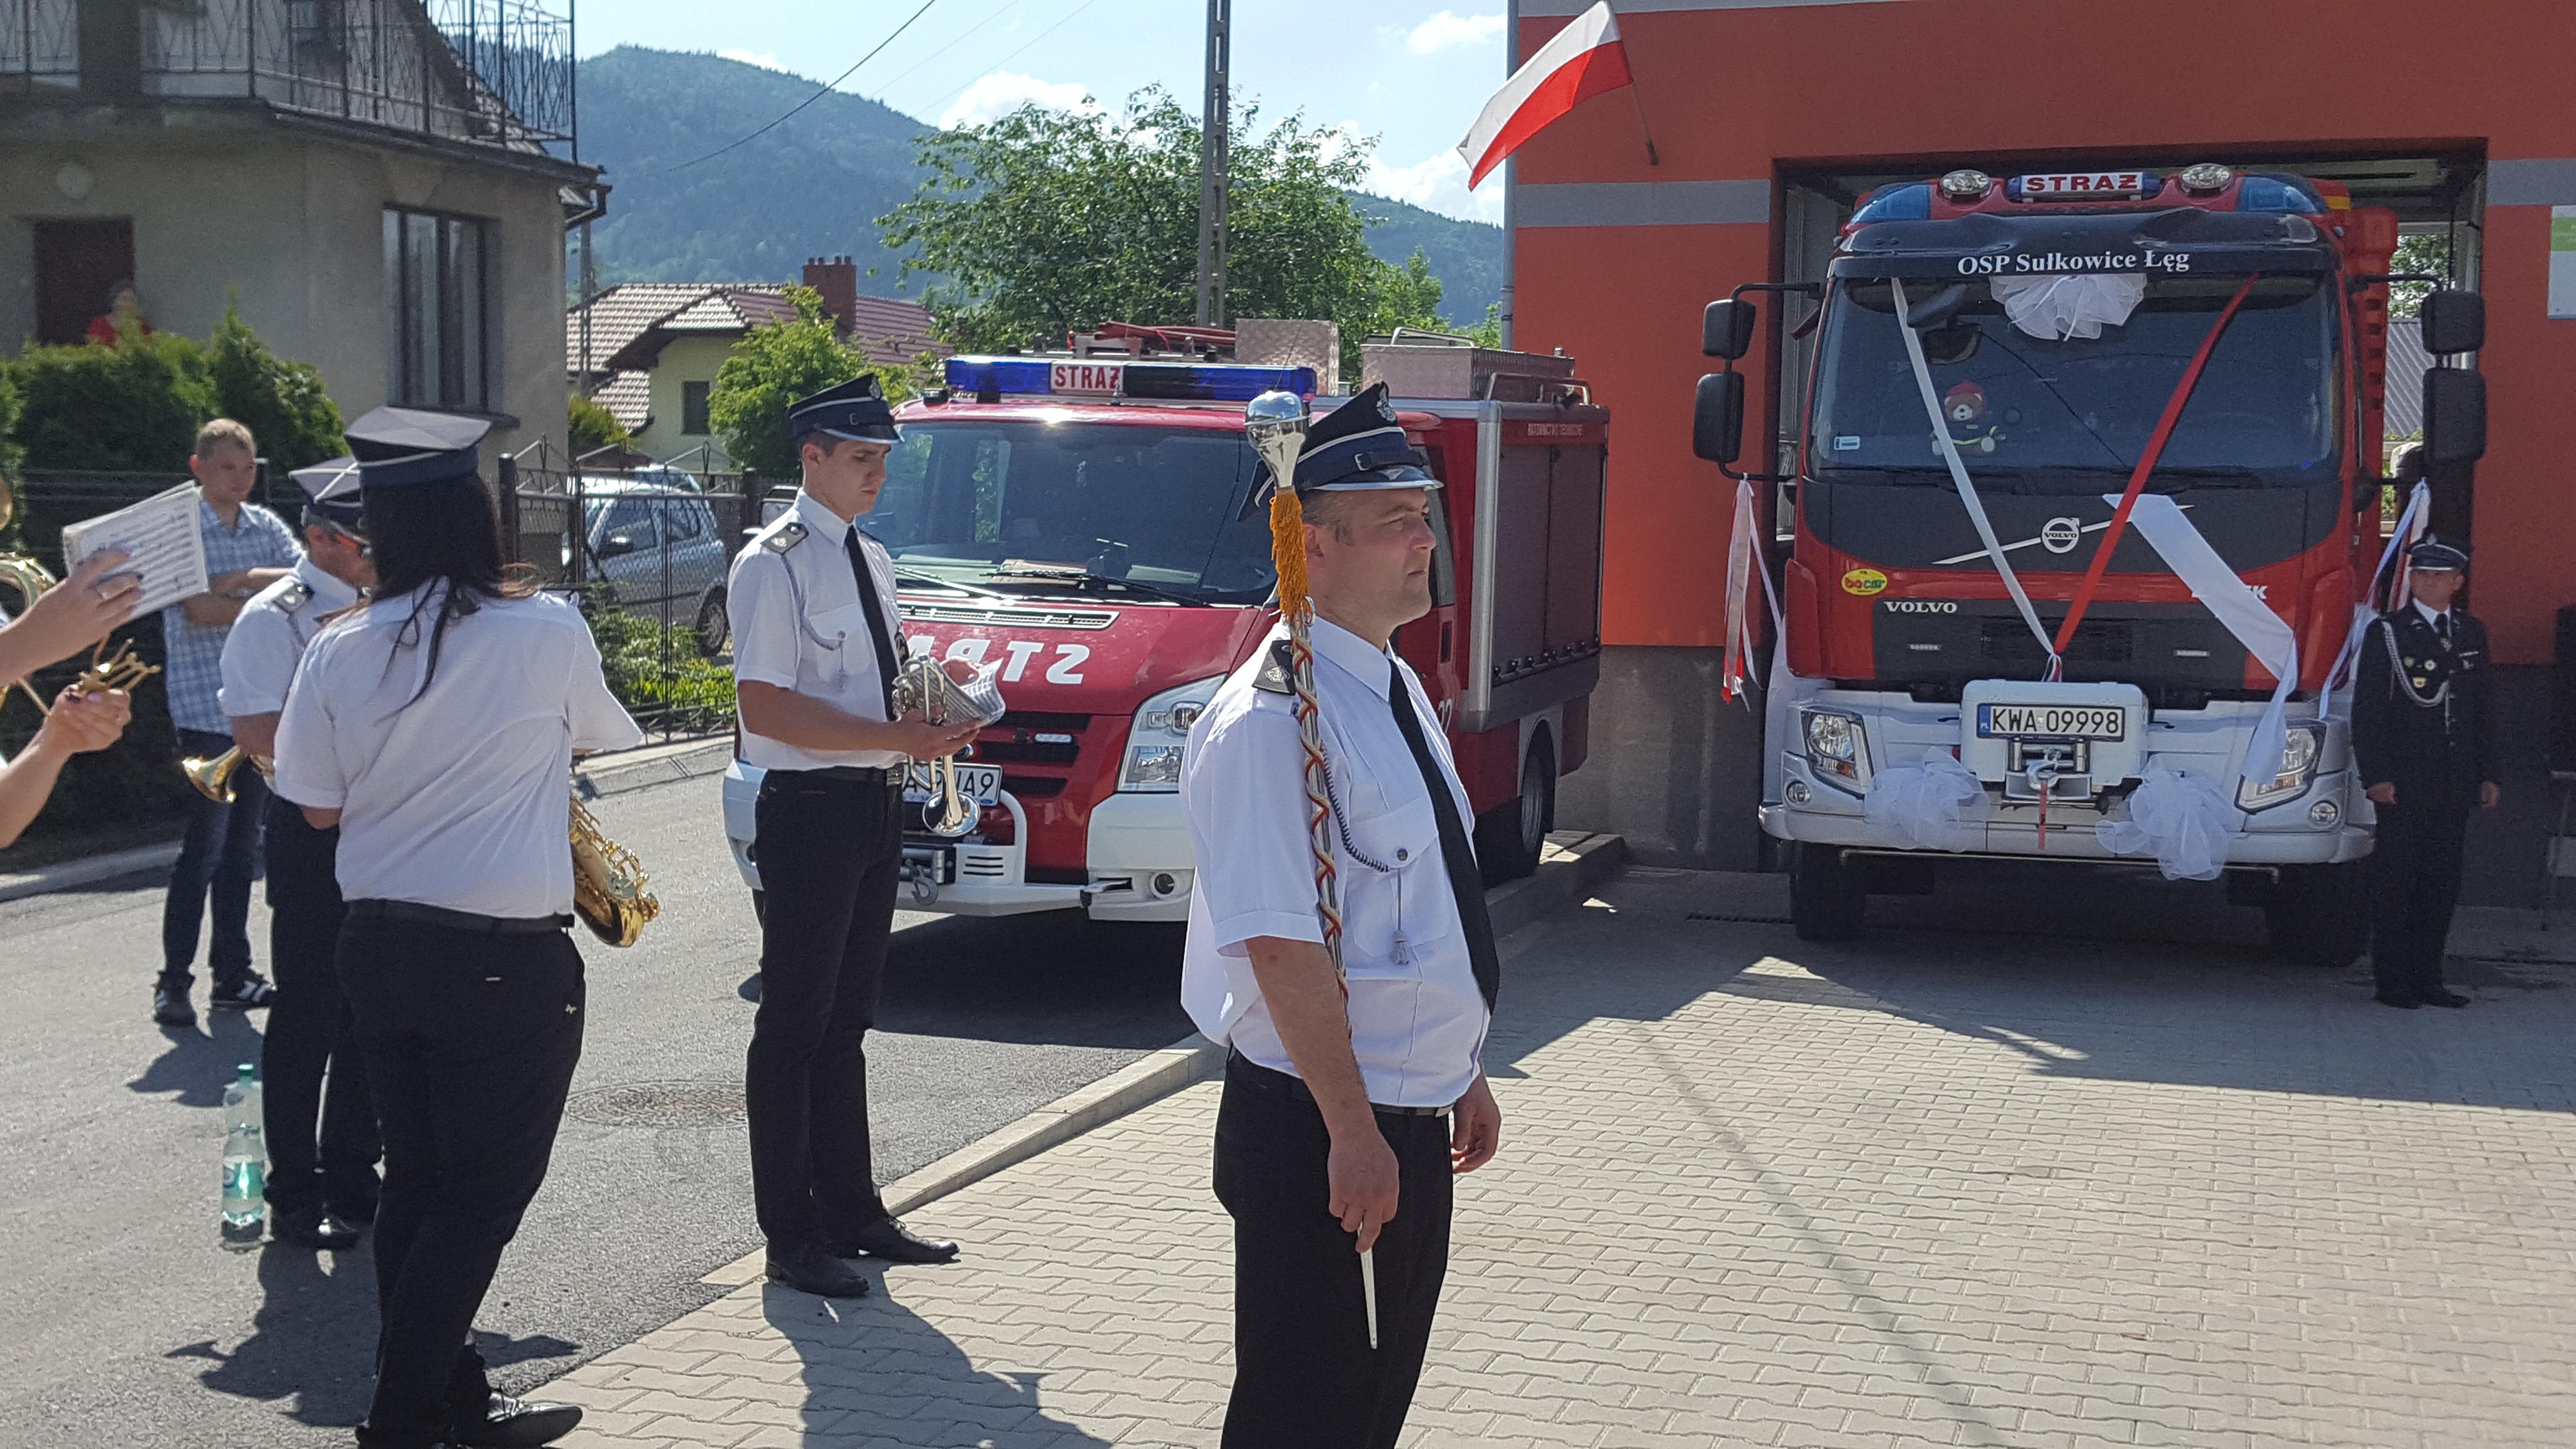 Oficjalne przekazanie i poświęcenie nowego wozu strażackiego [FOTO]